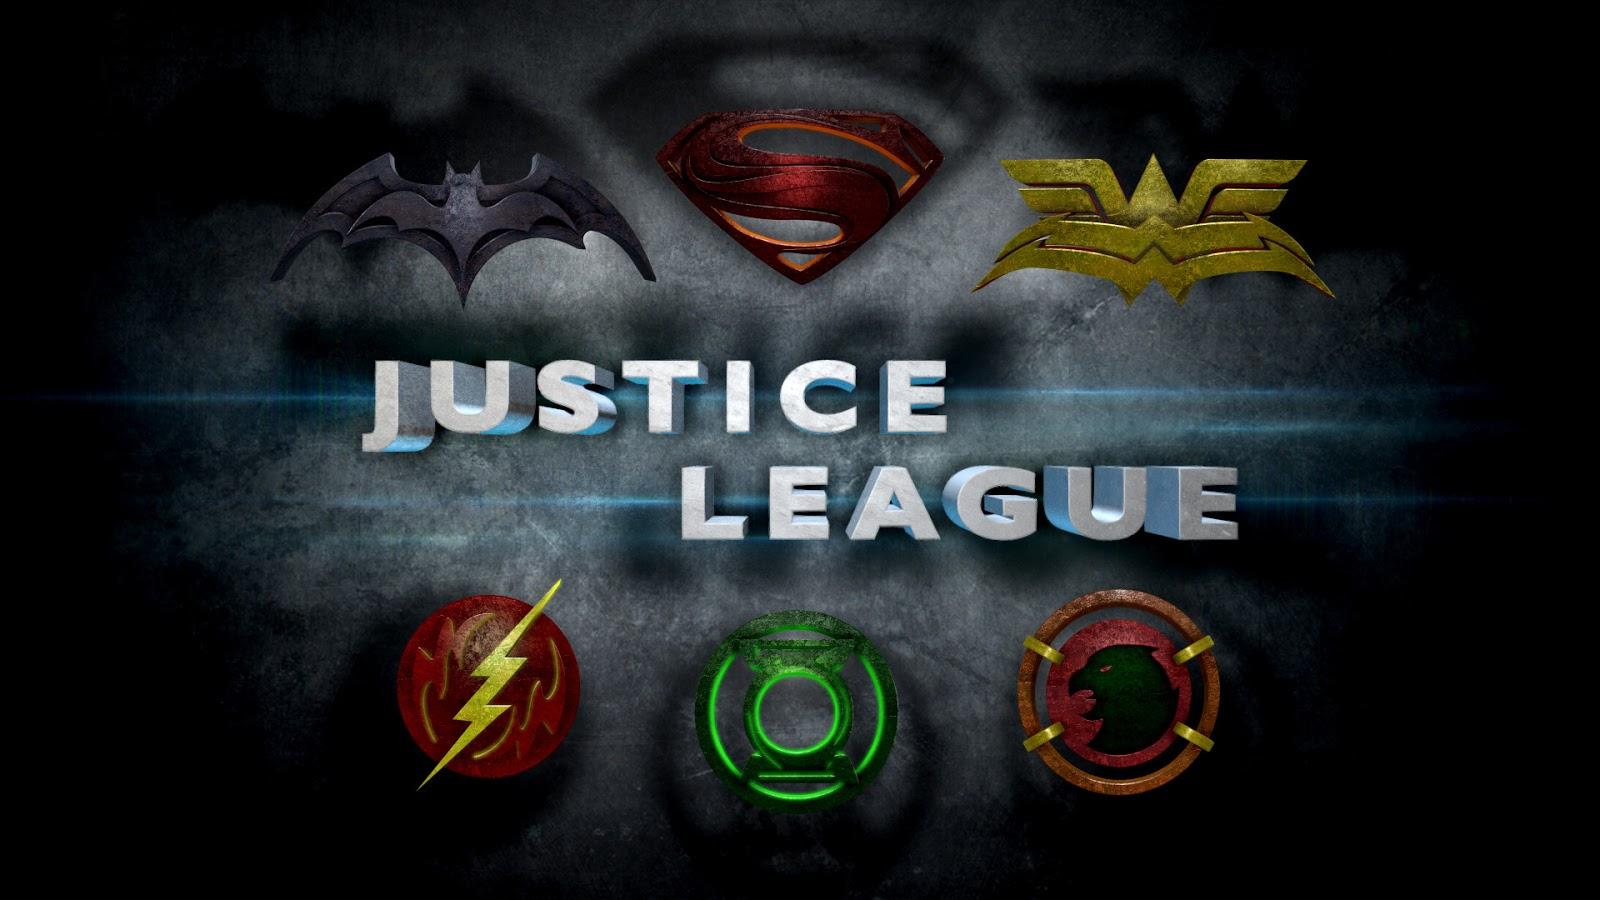 Simbolo justice league